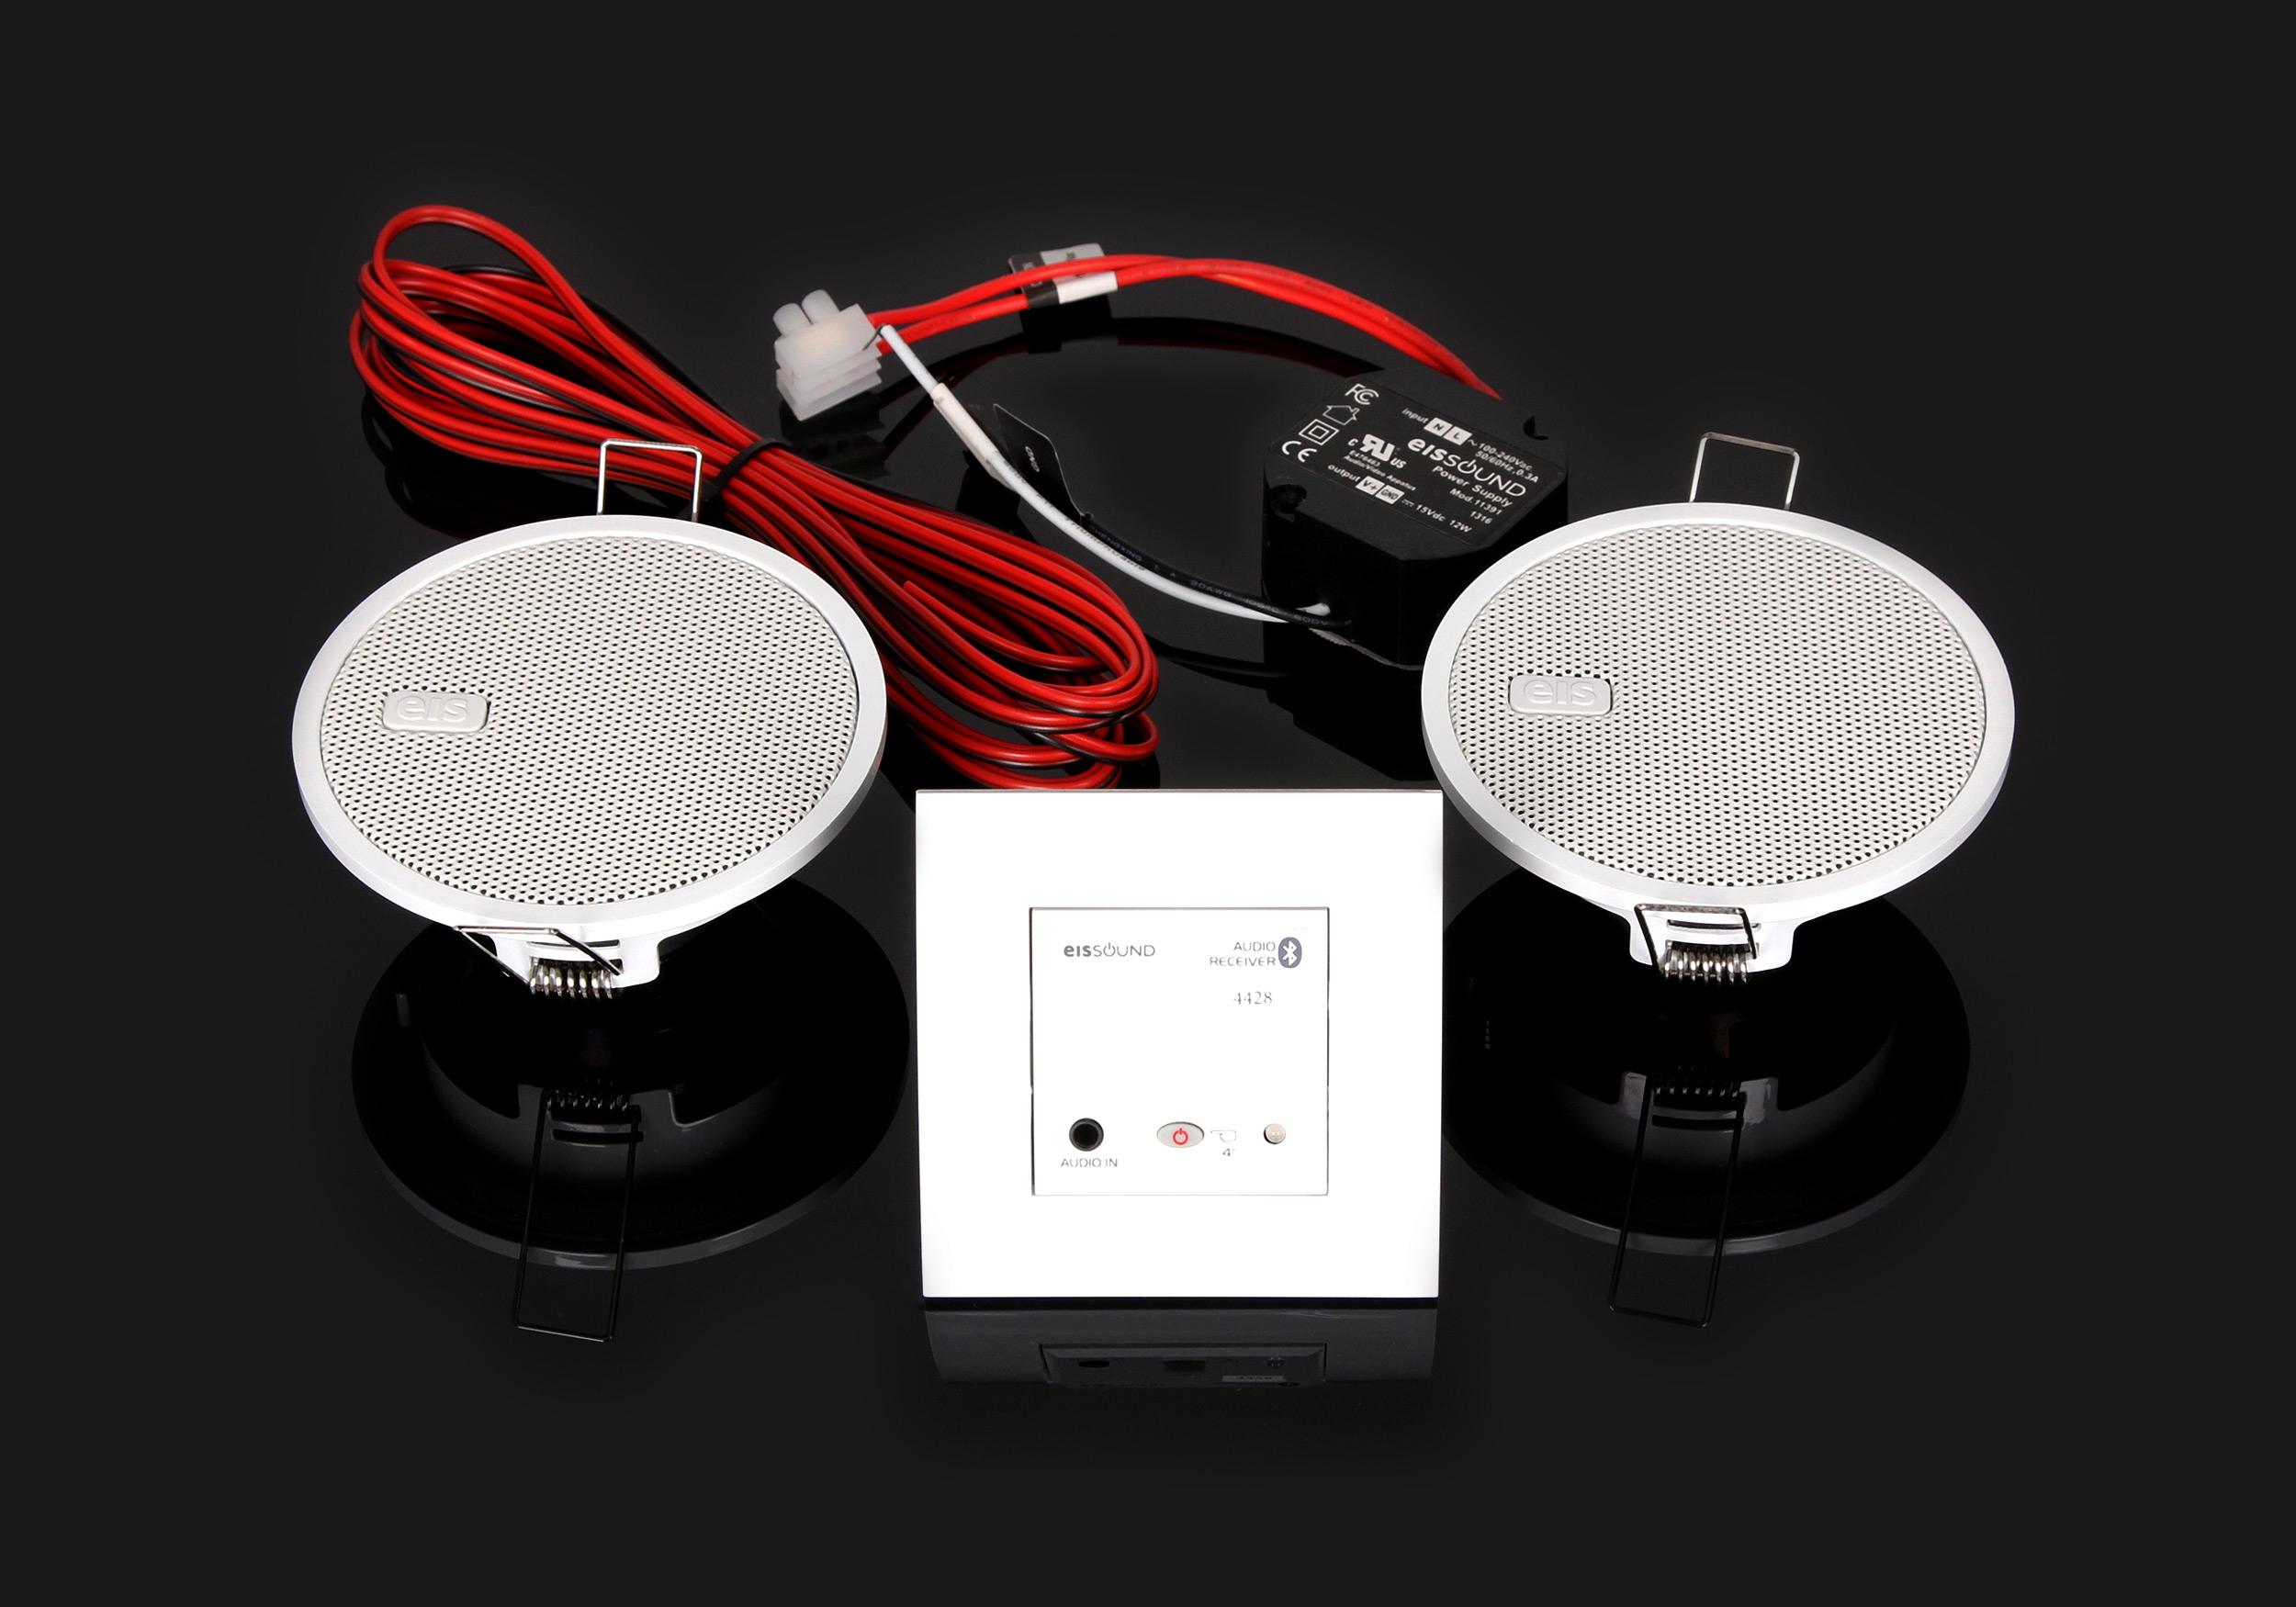 Kompletny zestaw nagłośnienia Bluetooth do kuchni Eis Sound In-Wall